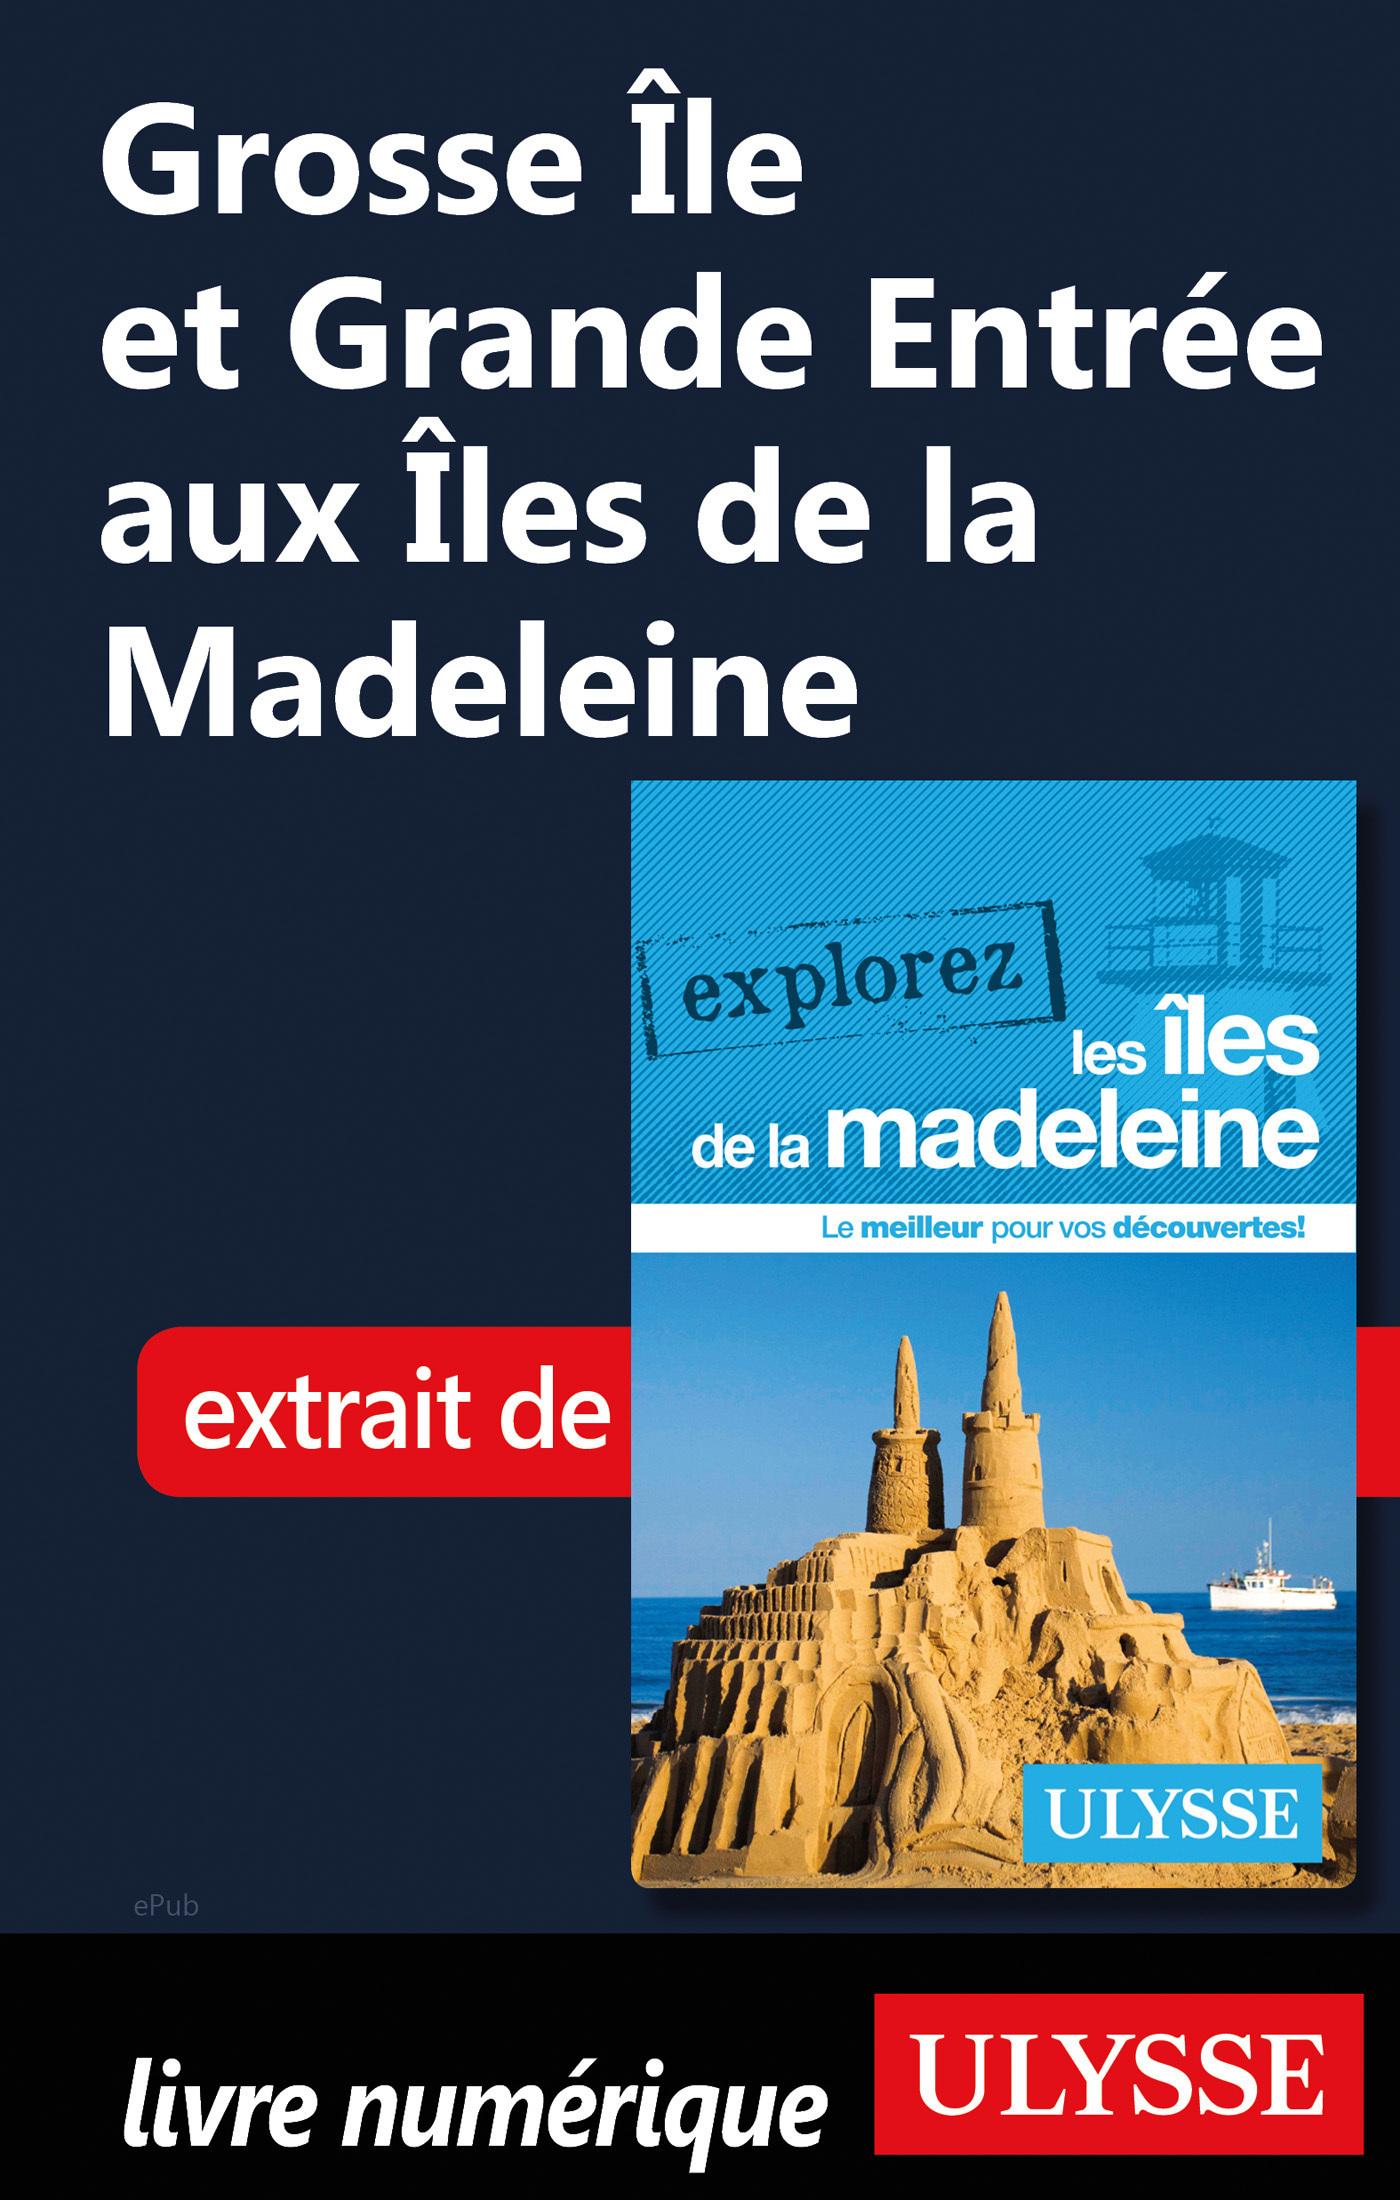 Grosse Ile et Grande Entrée aux Iles de la Madeleine